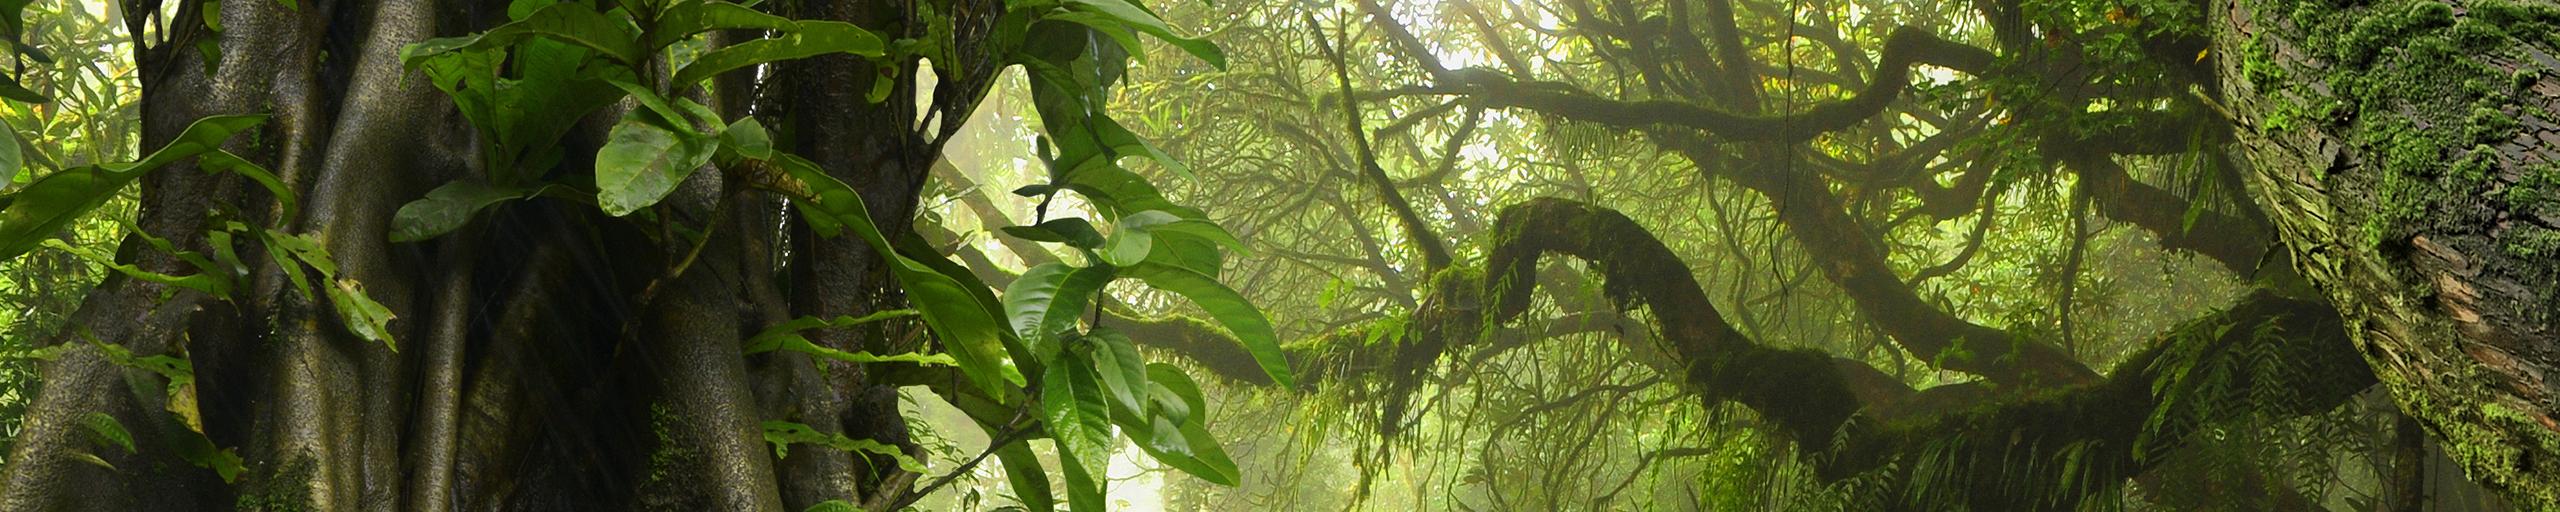 Bild zu Dschungel